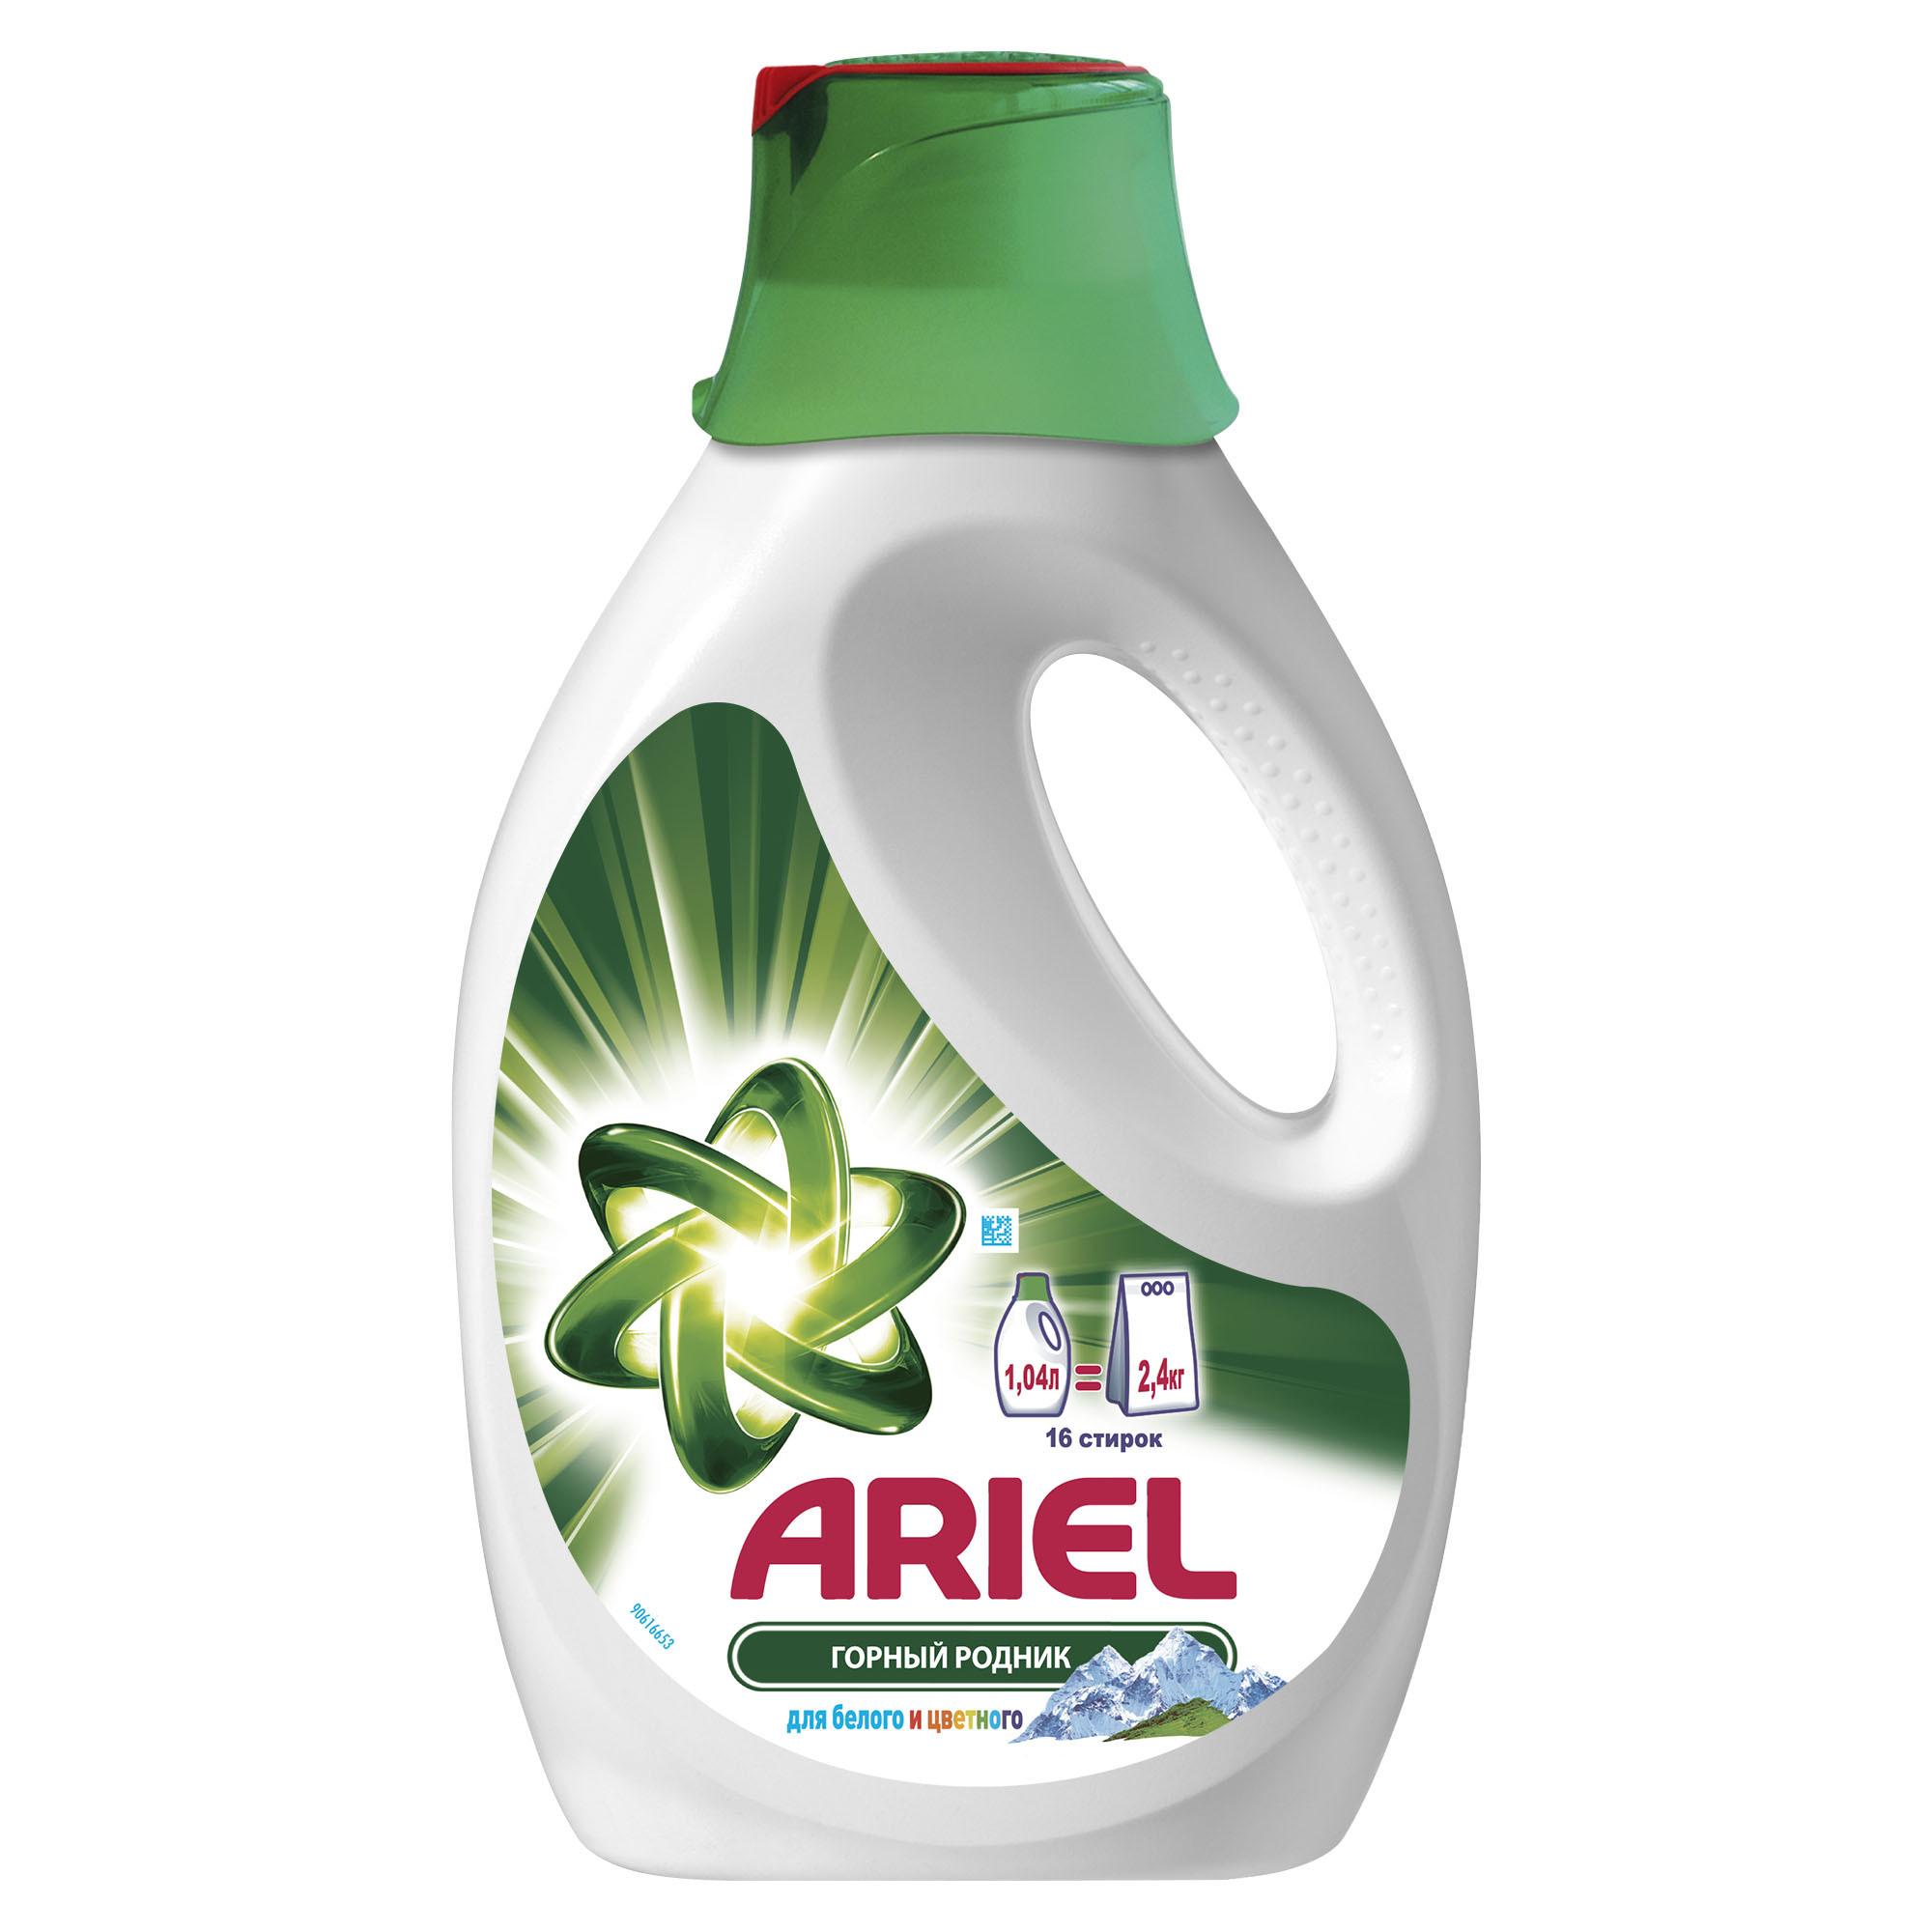 Ариэль Средство для стирки жидкое Горный родник Ariel